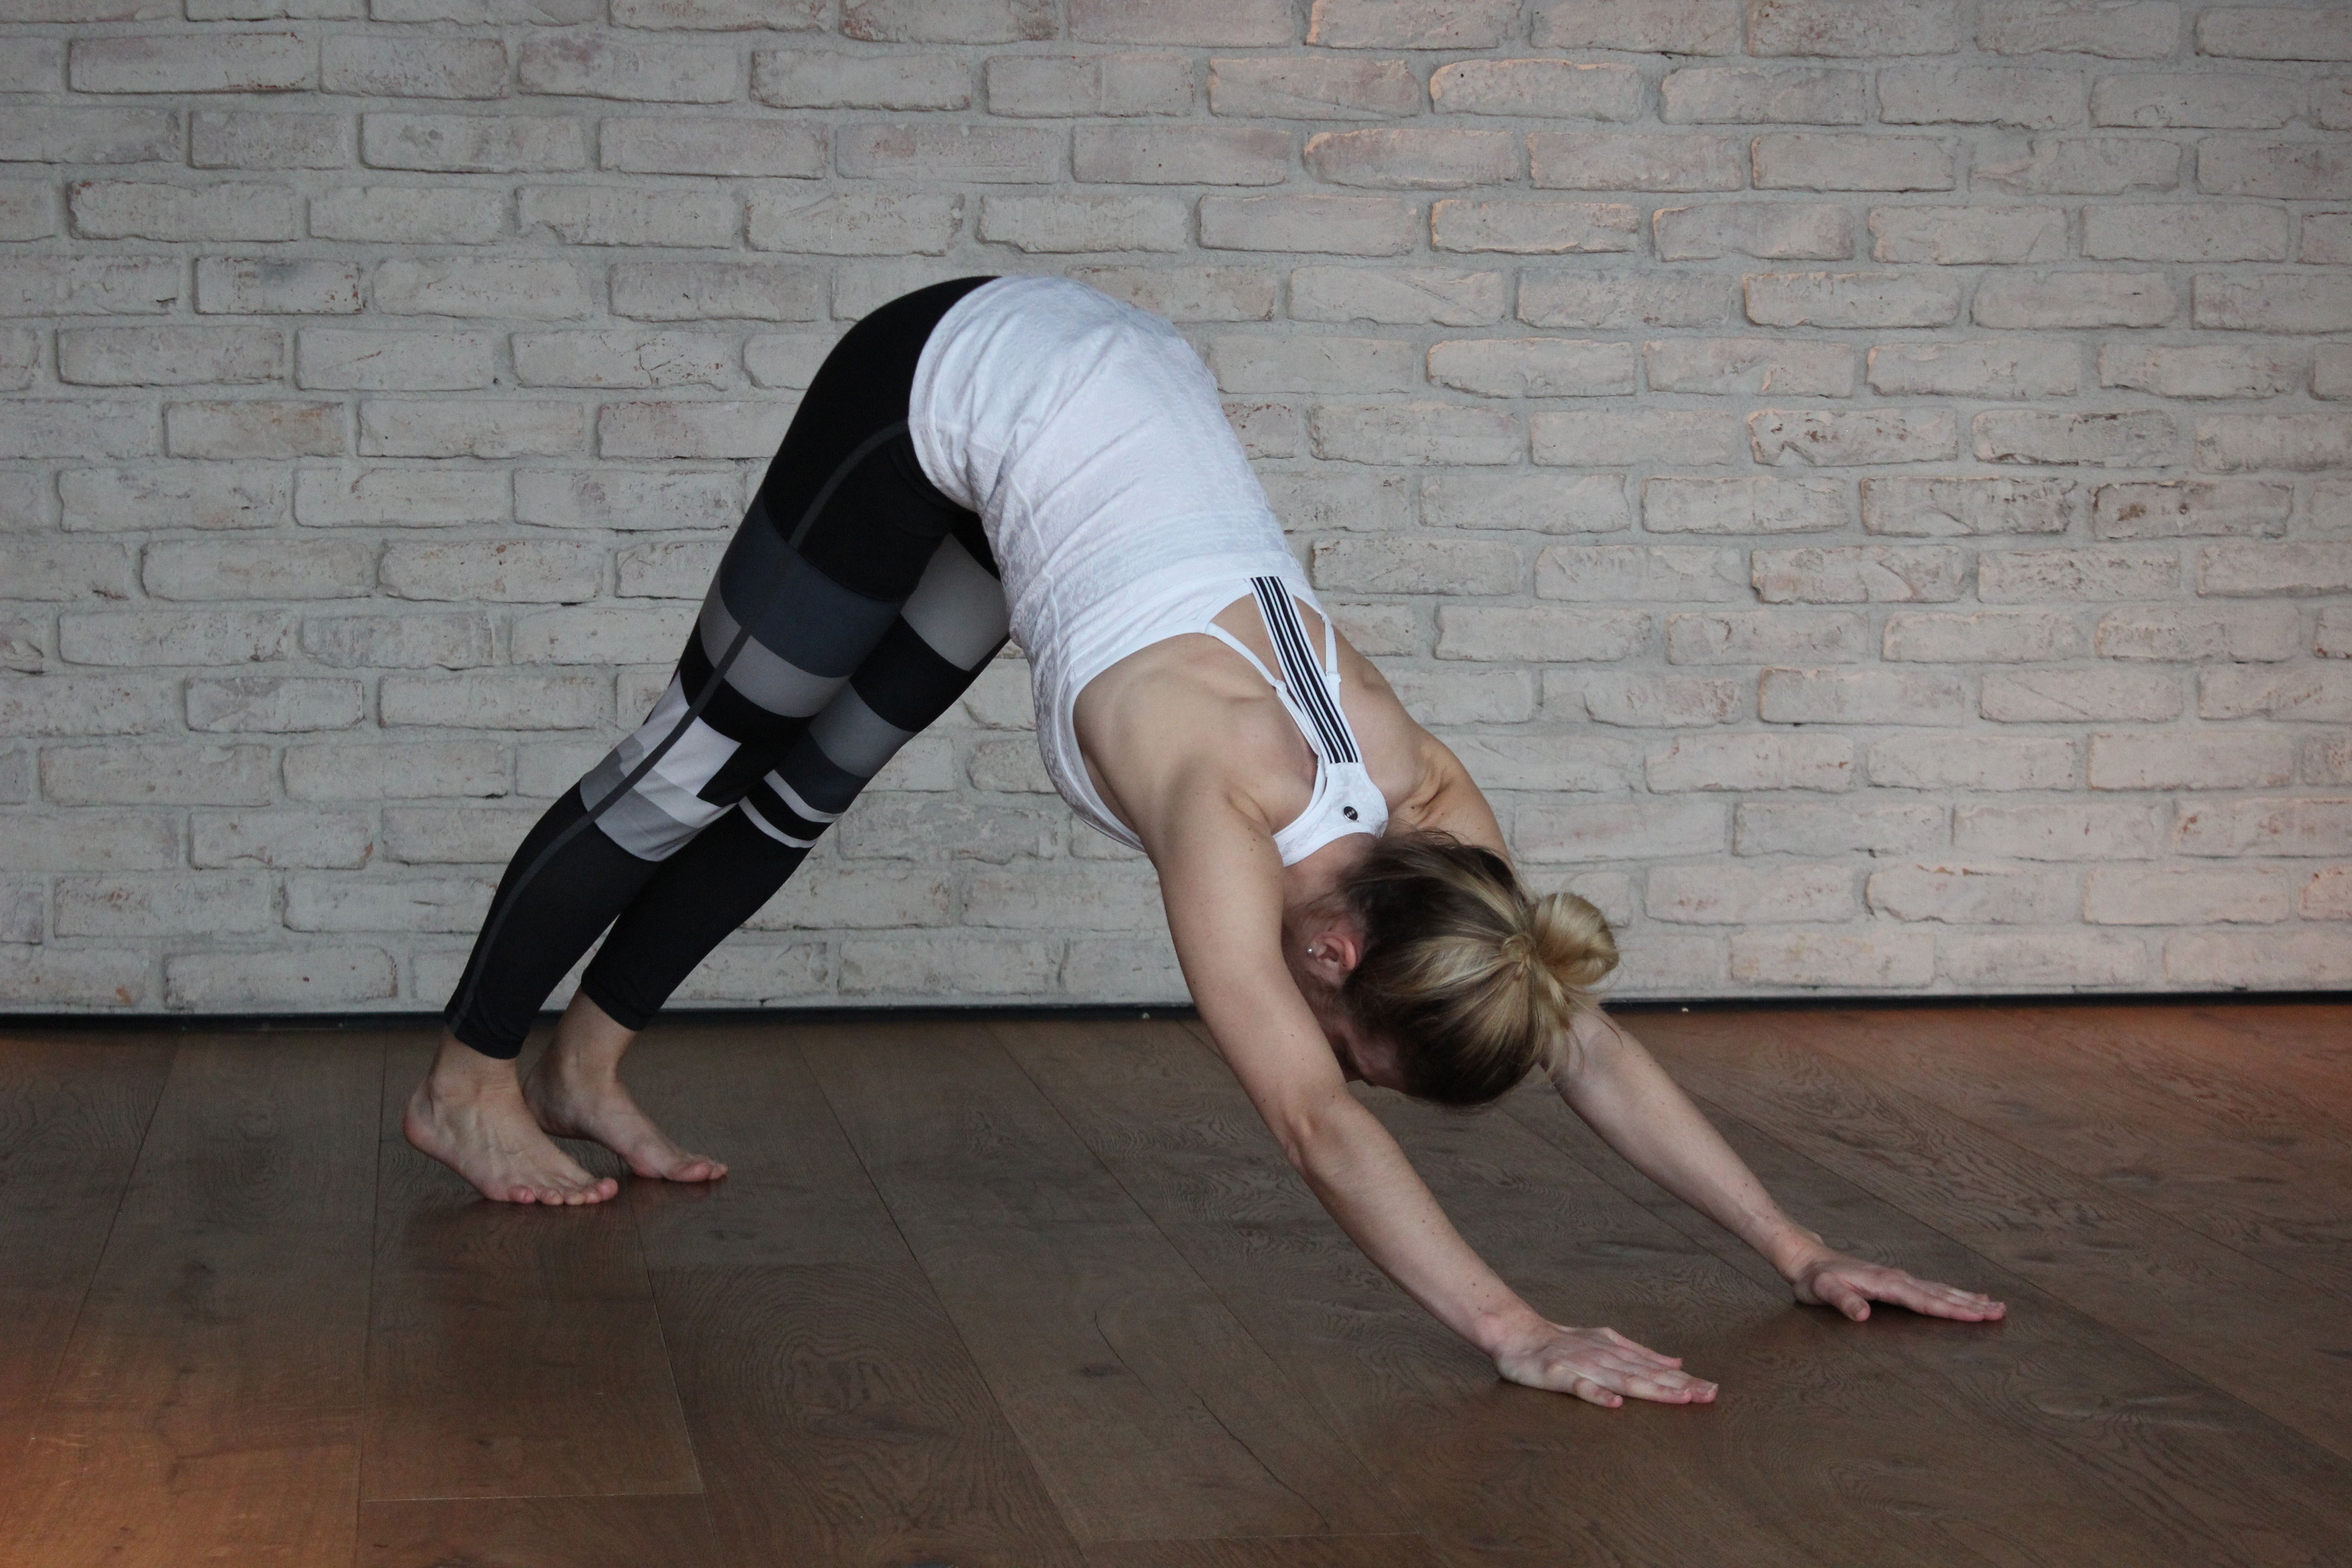 Yoga Posen die Selbstvertrauen geben